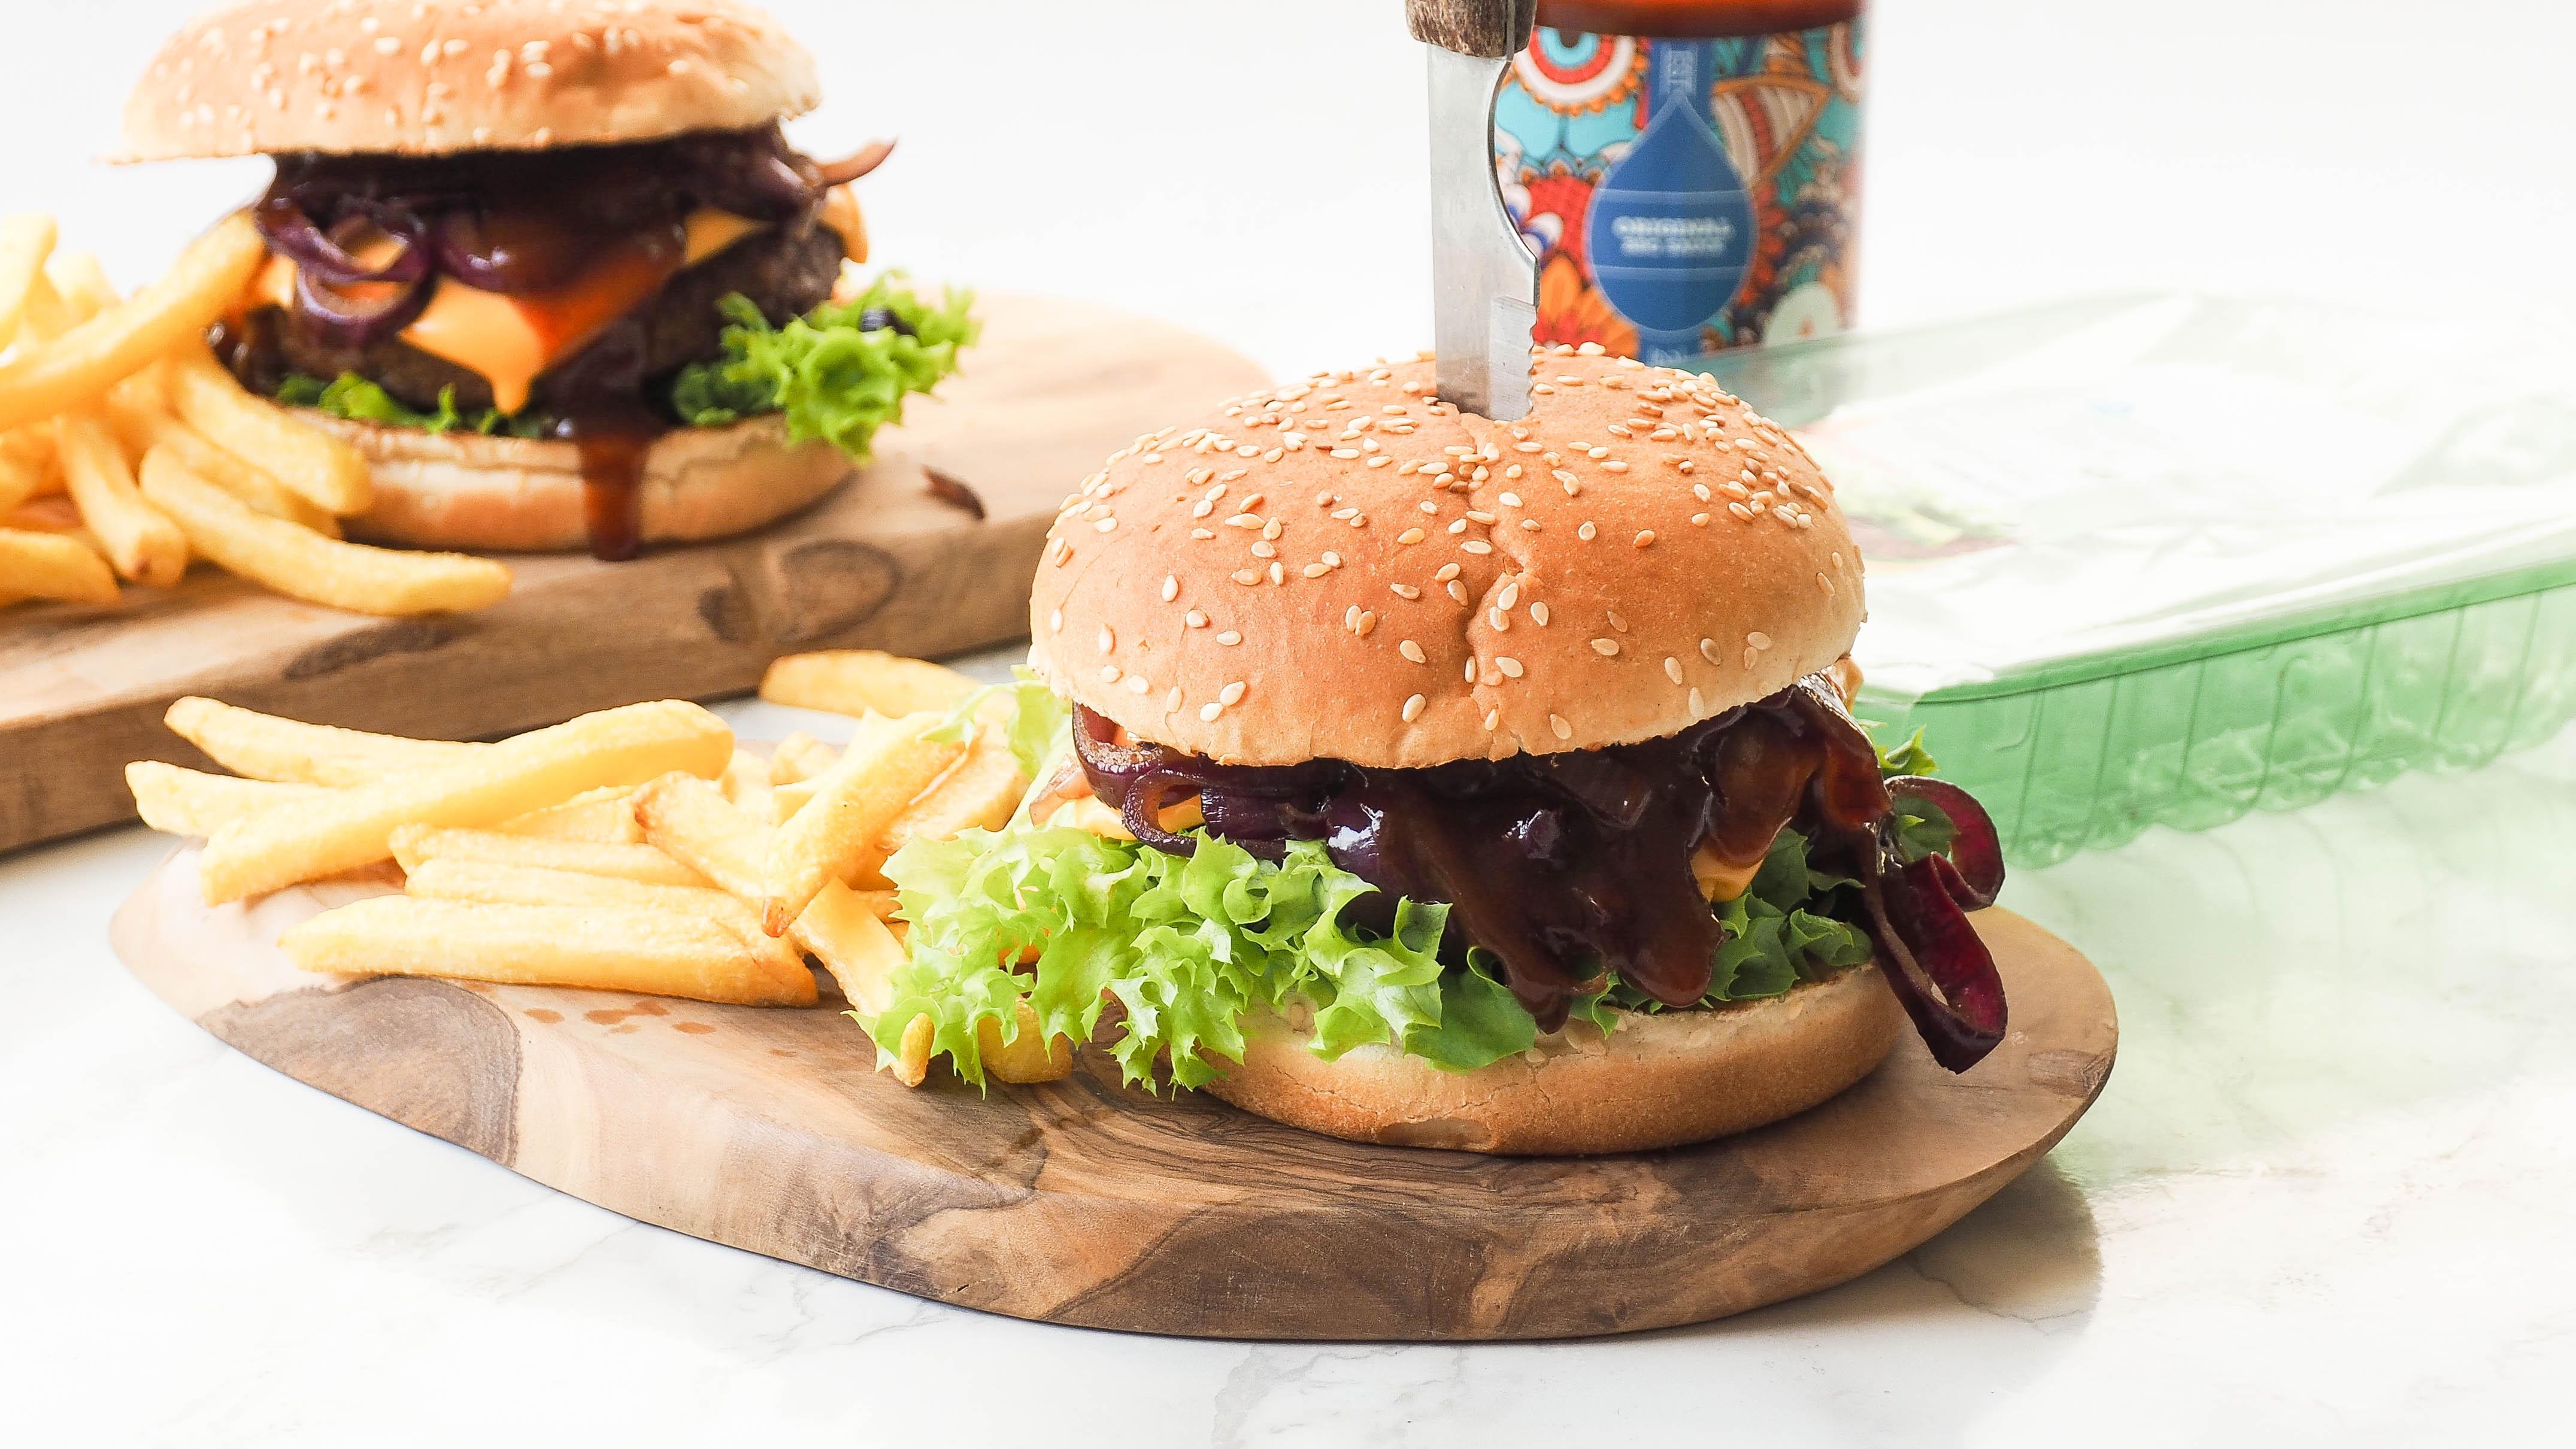 Guilty pleasure: Epic vega burgers